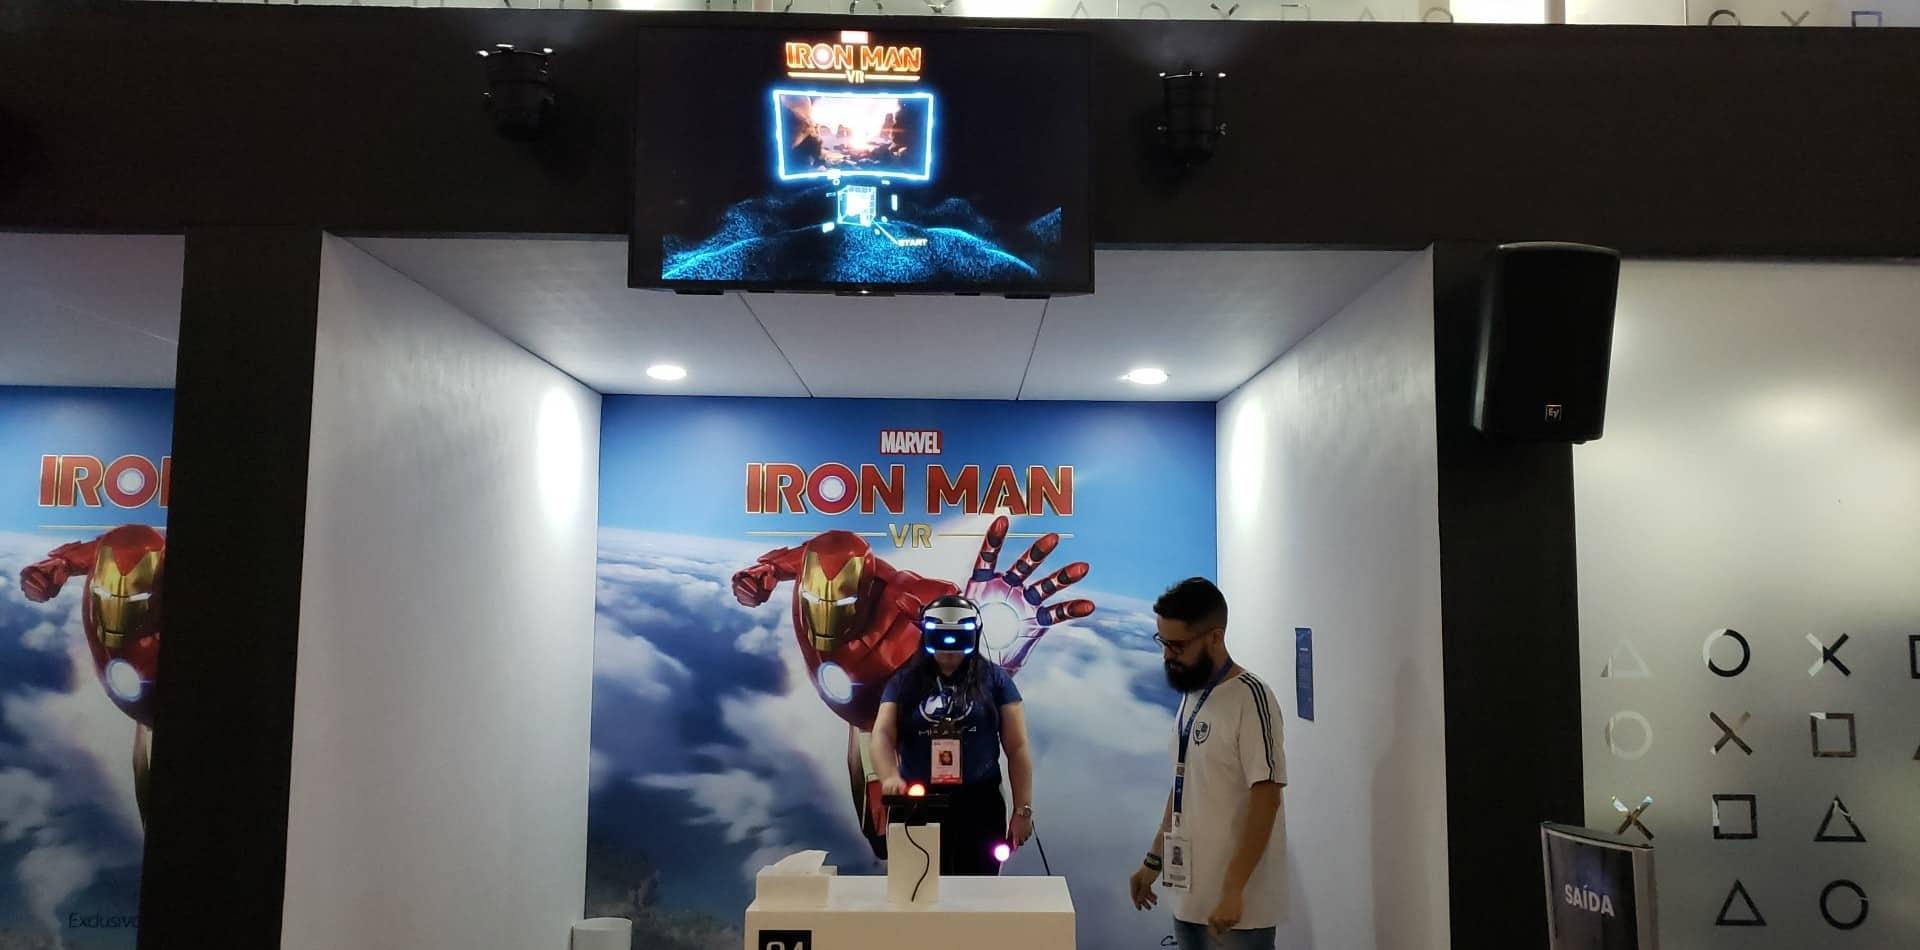 Testamos na BGS: Iron Man VR realiza o sonho de toda criança 1